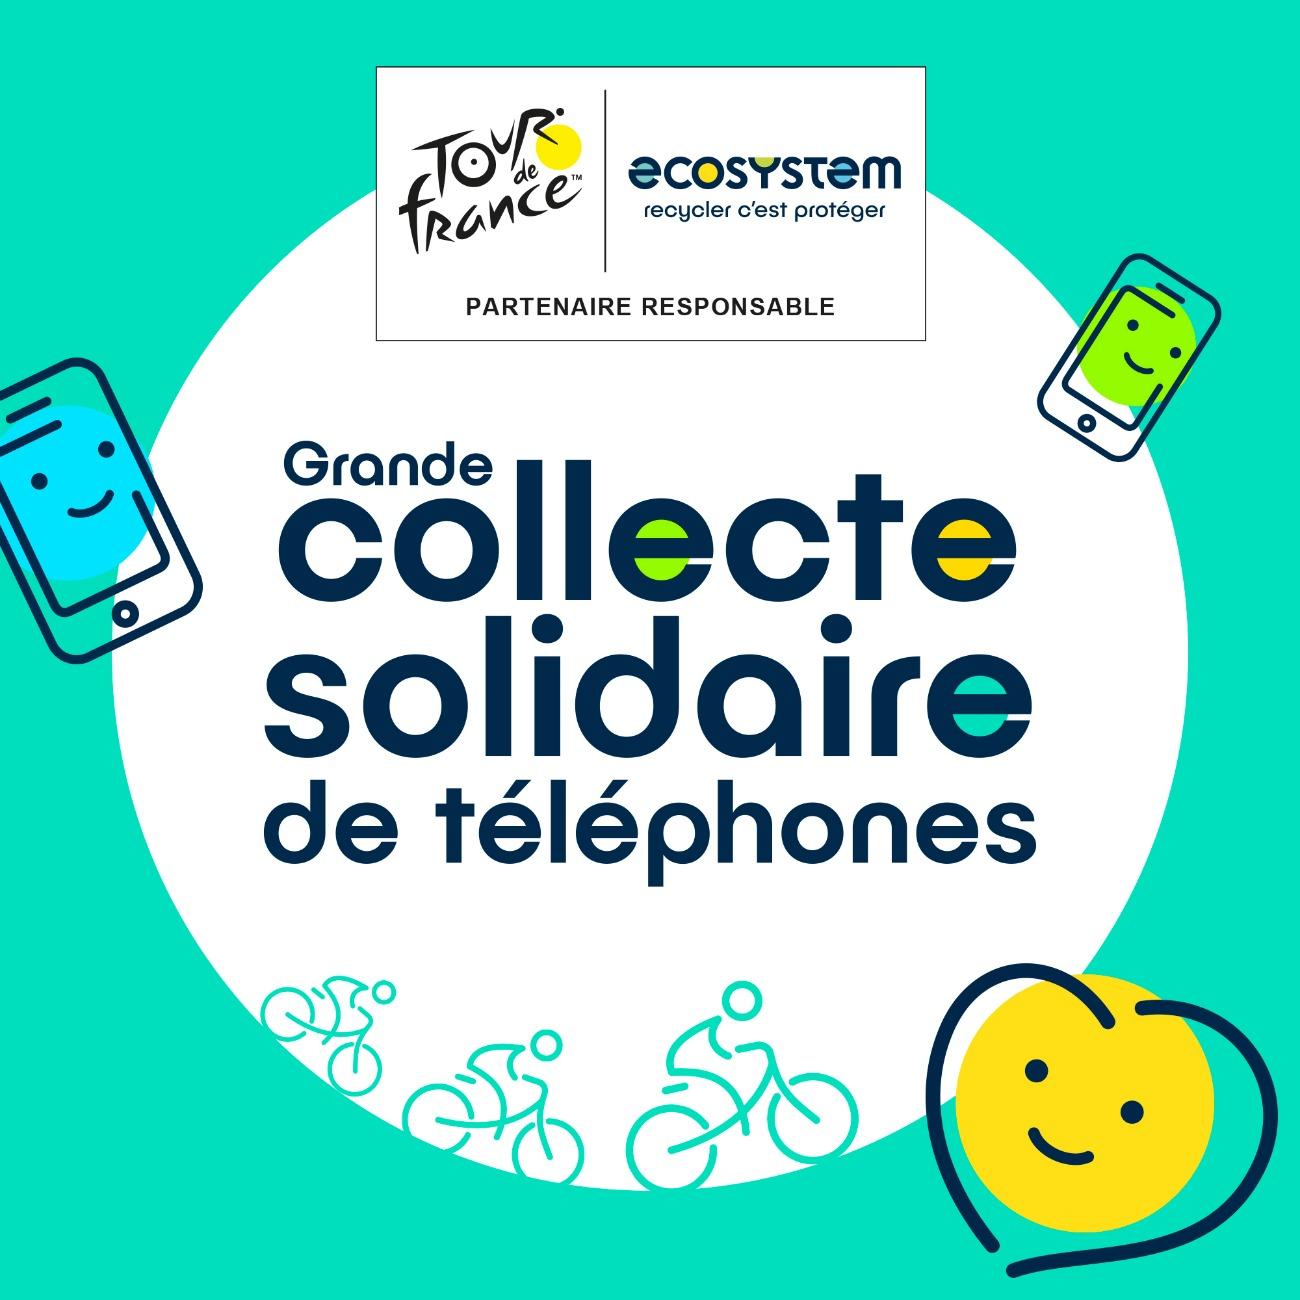 Grande collecte : renvoyez gratuitement vos anciens smartphones pour aider les plus démunis